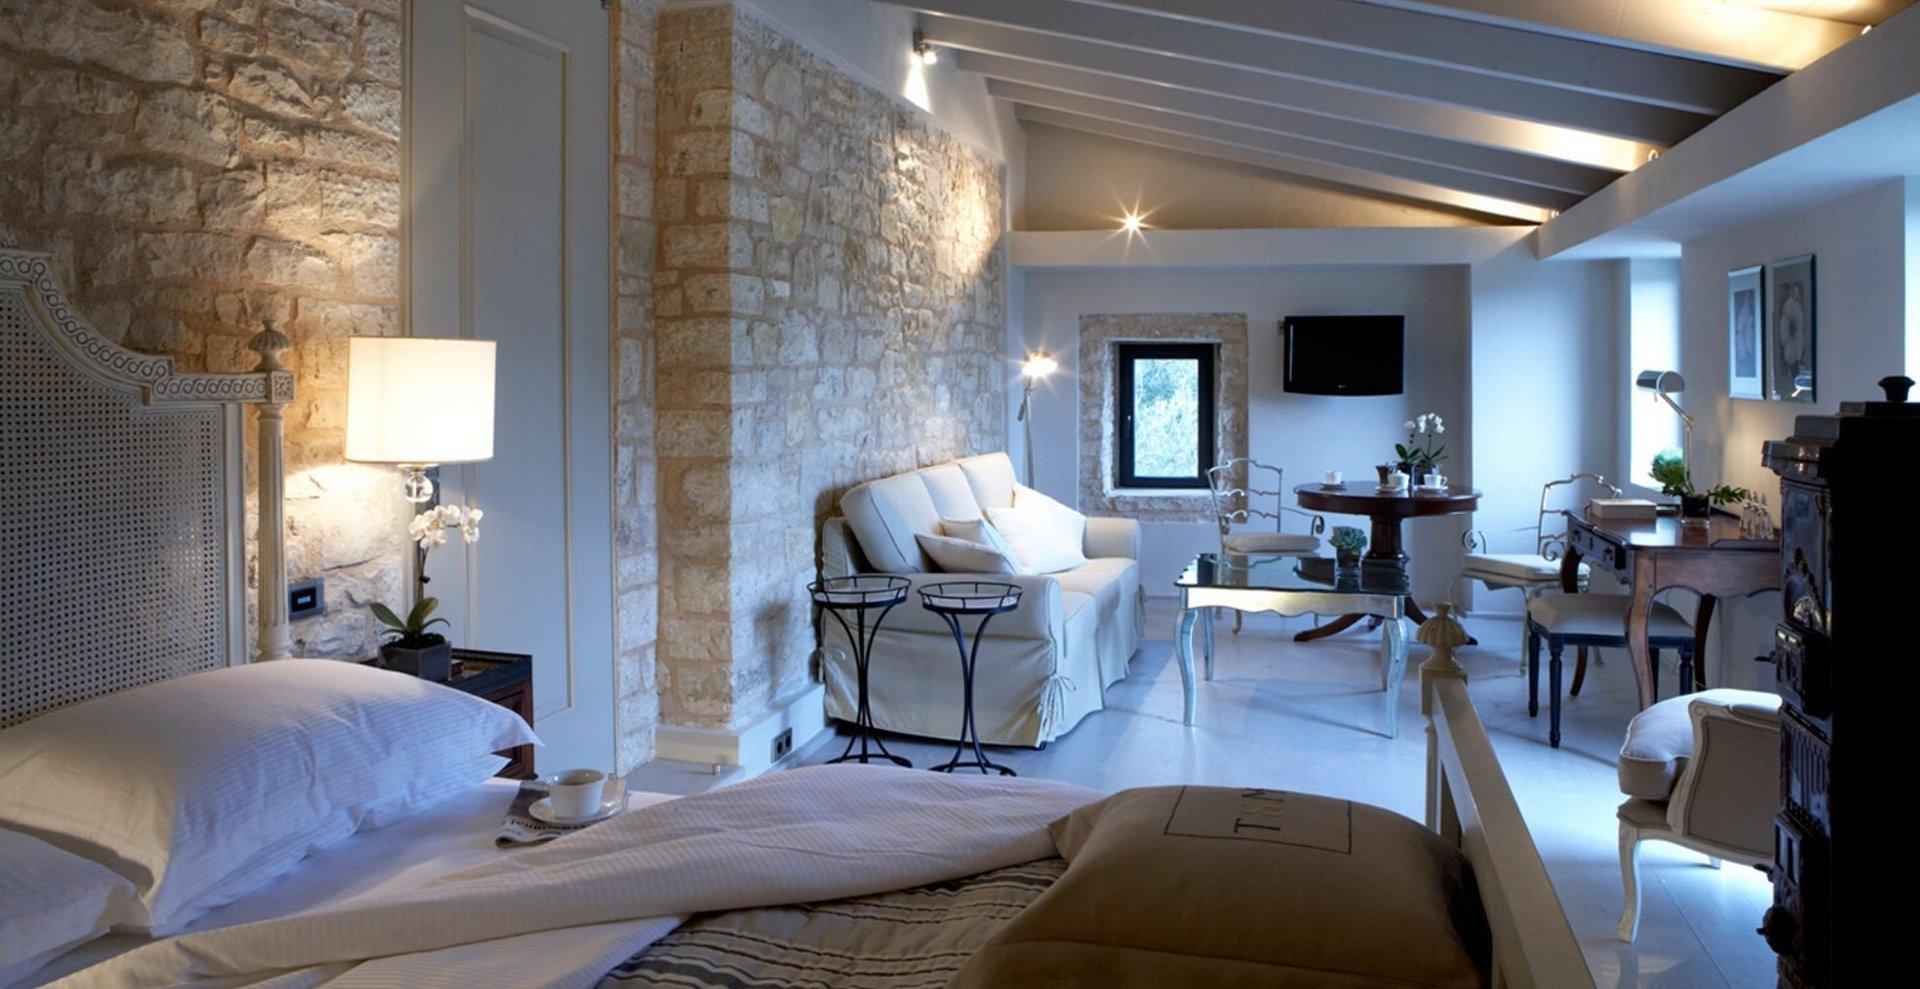 Hotel Torri e Merli- master suite